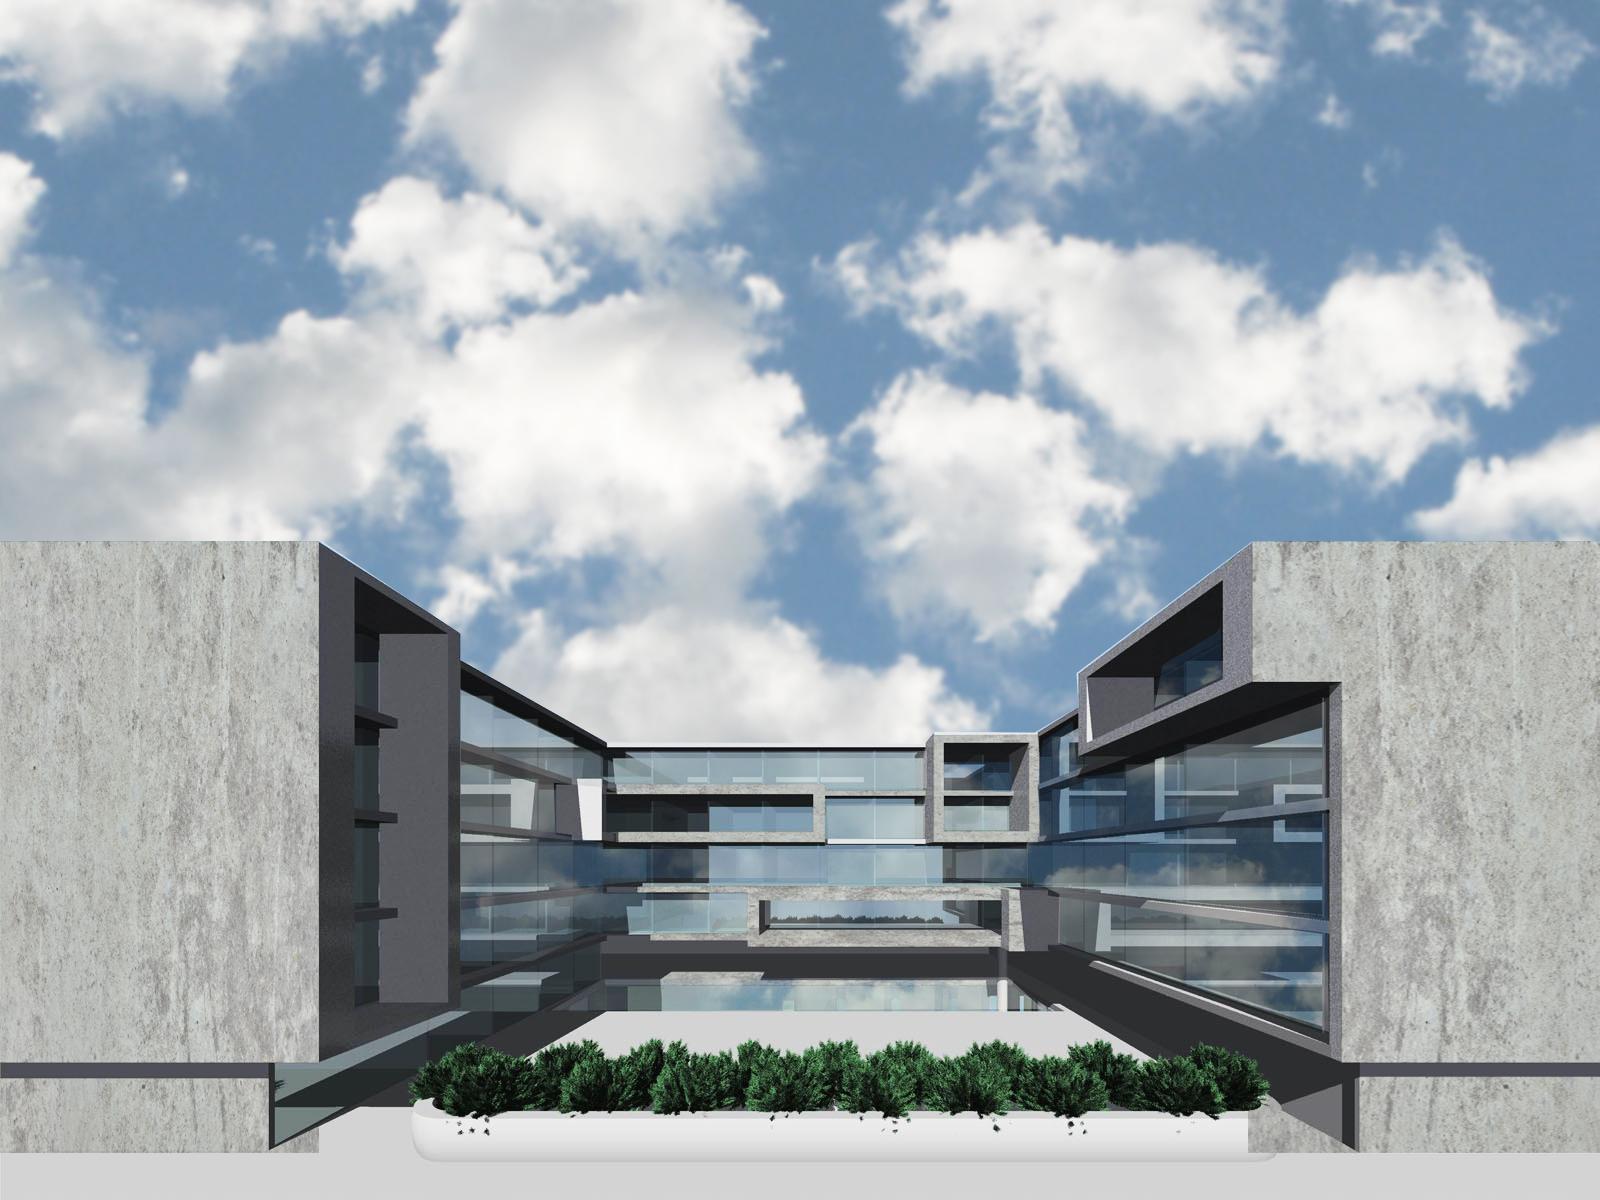 fremont Courtyard facade render.jpg